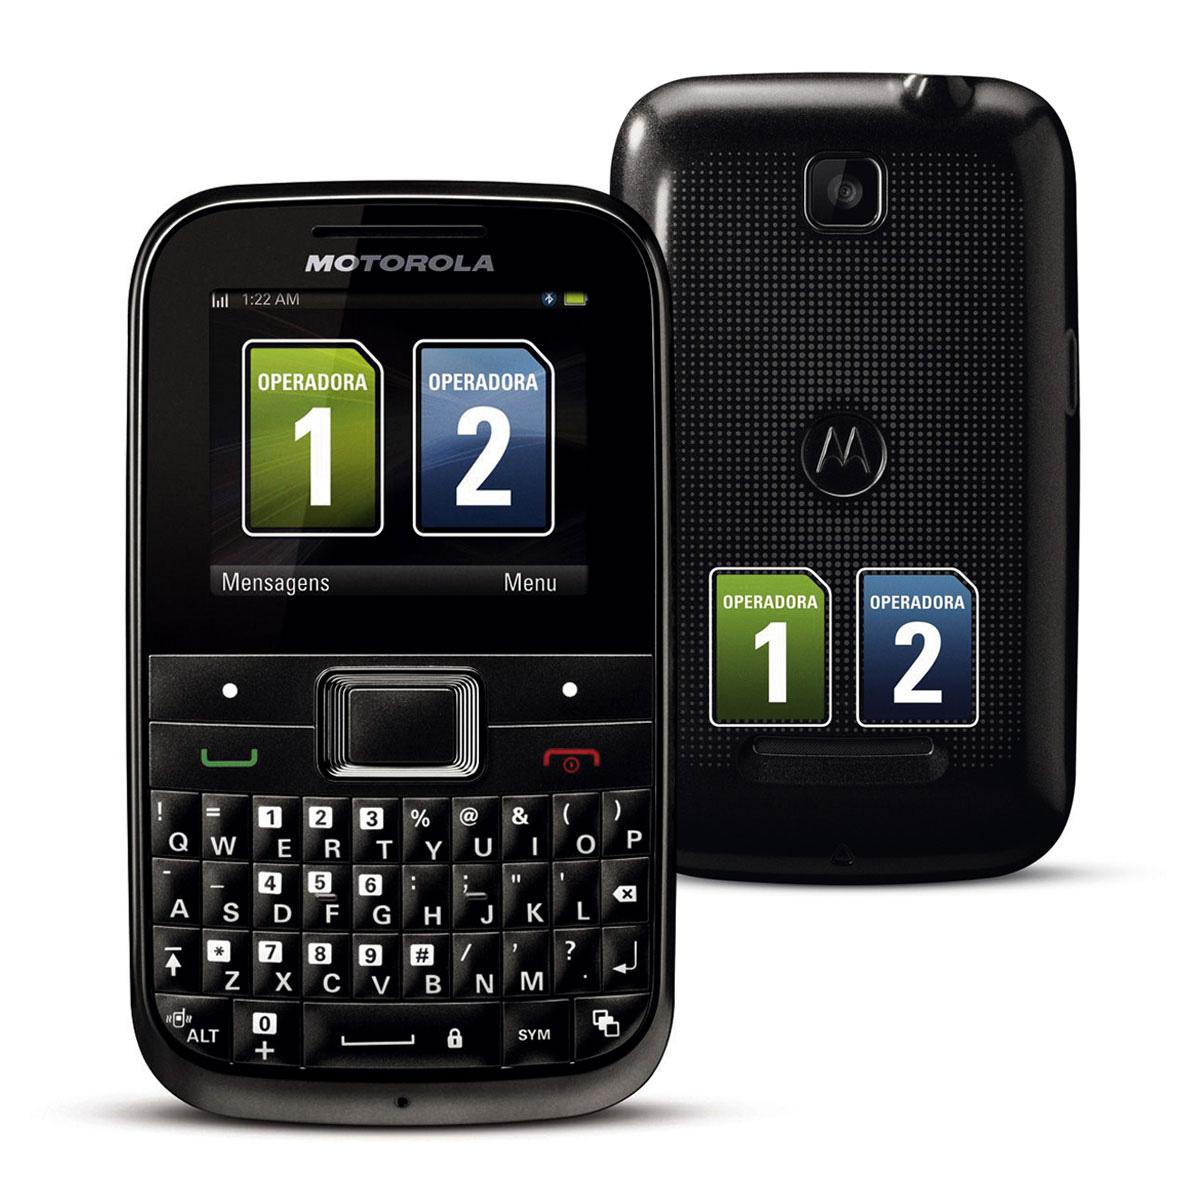 Motorola MOTOKEY Mini EX109 Image